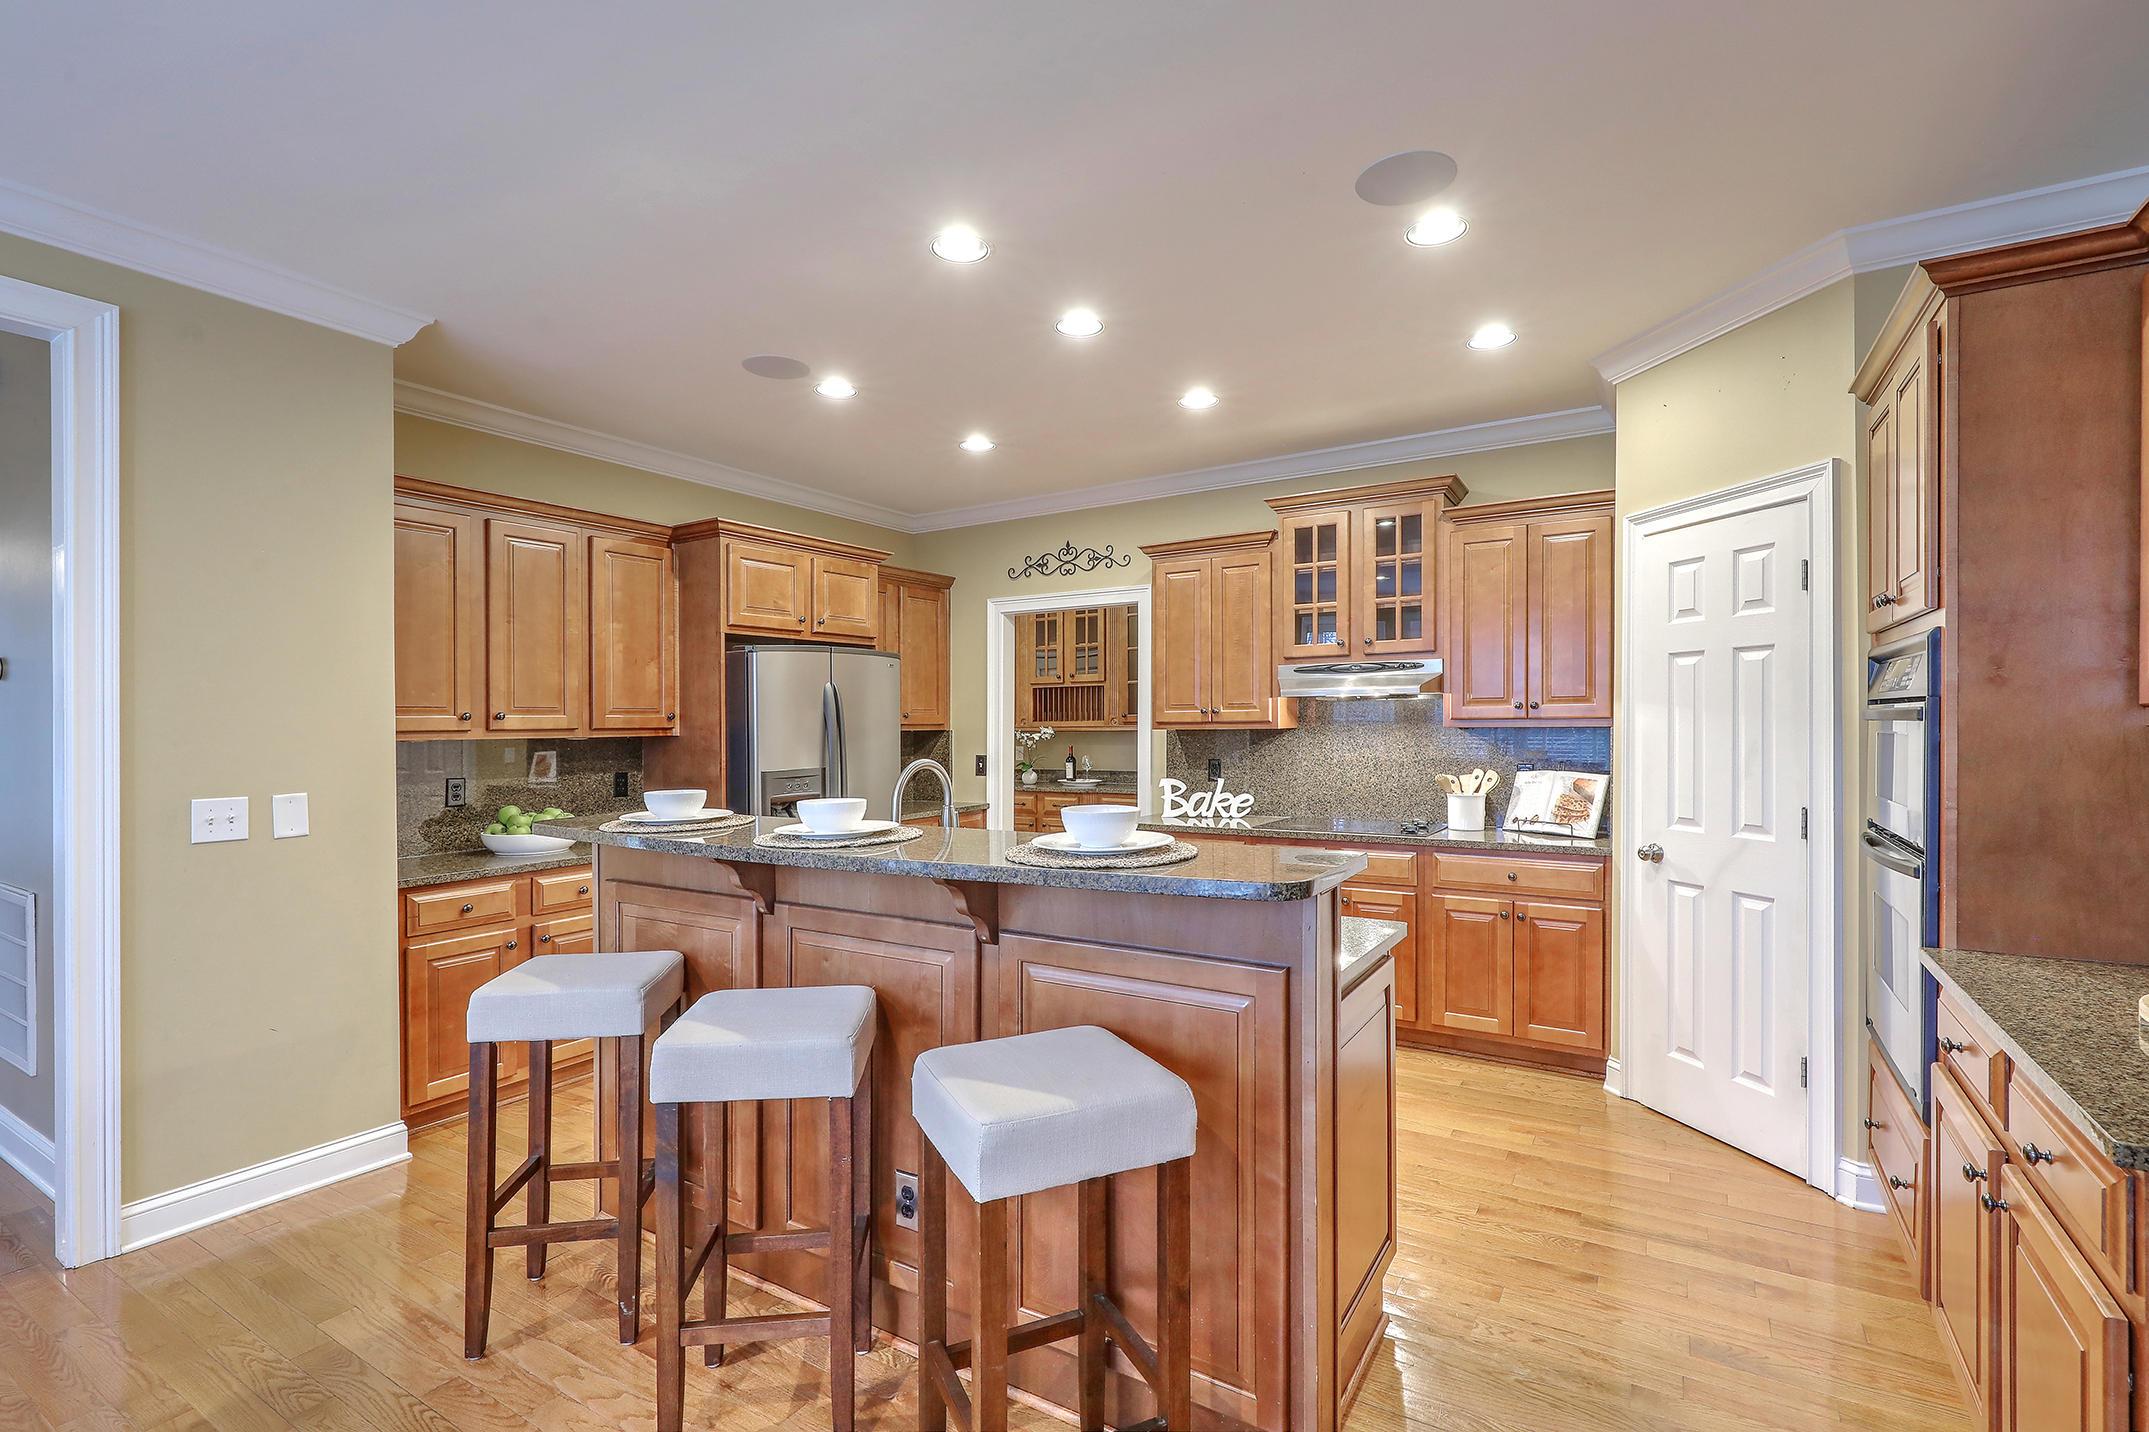 Dunes West Homes For Sale - 2817 Oak Manor, Mount Pleasant, SC - 50